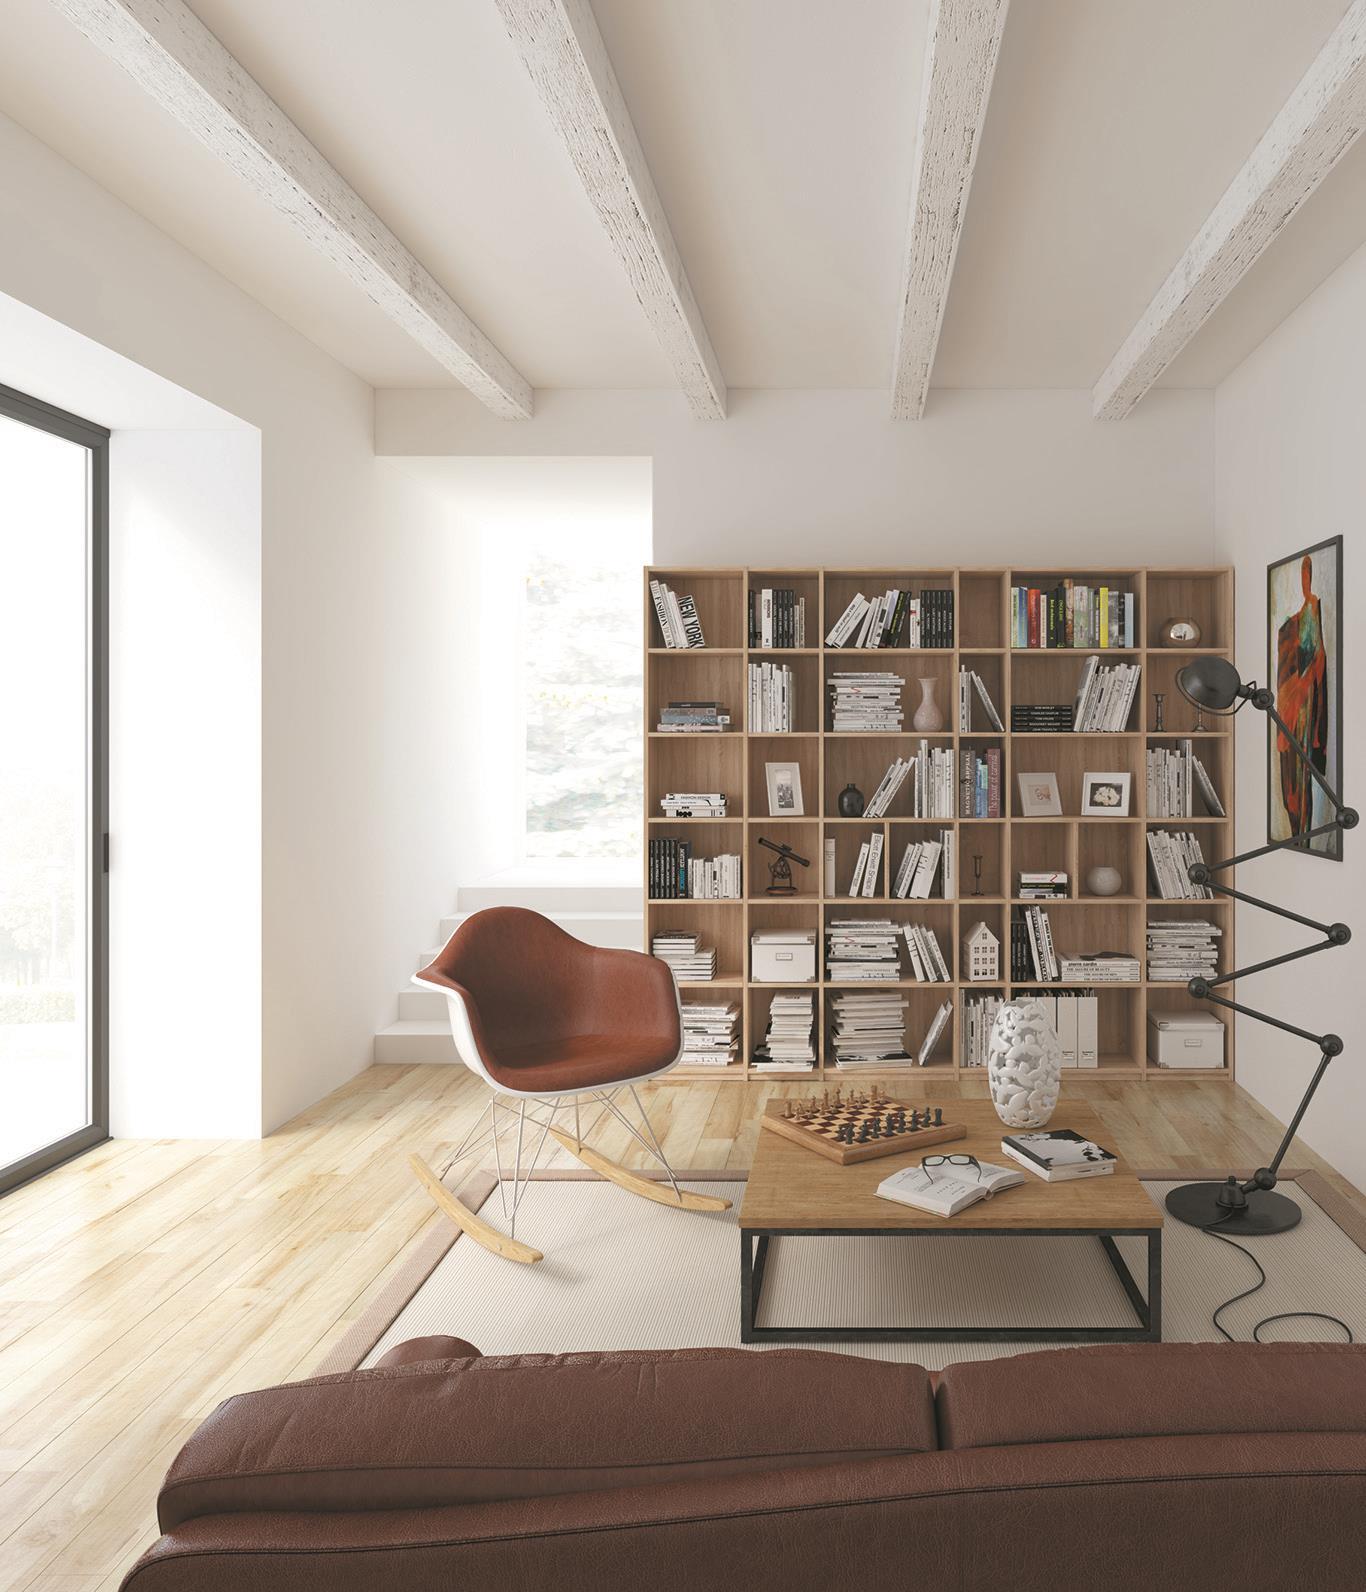 Maisons + Terrains du constructeur HABITAT CONCEPT REIMS • 85 m² • DAMERY